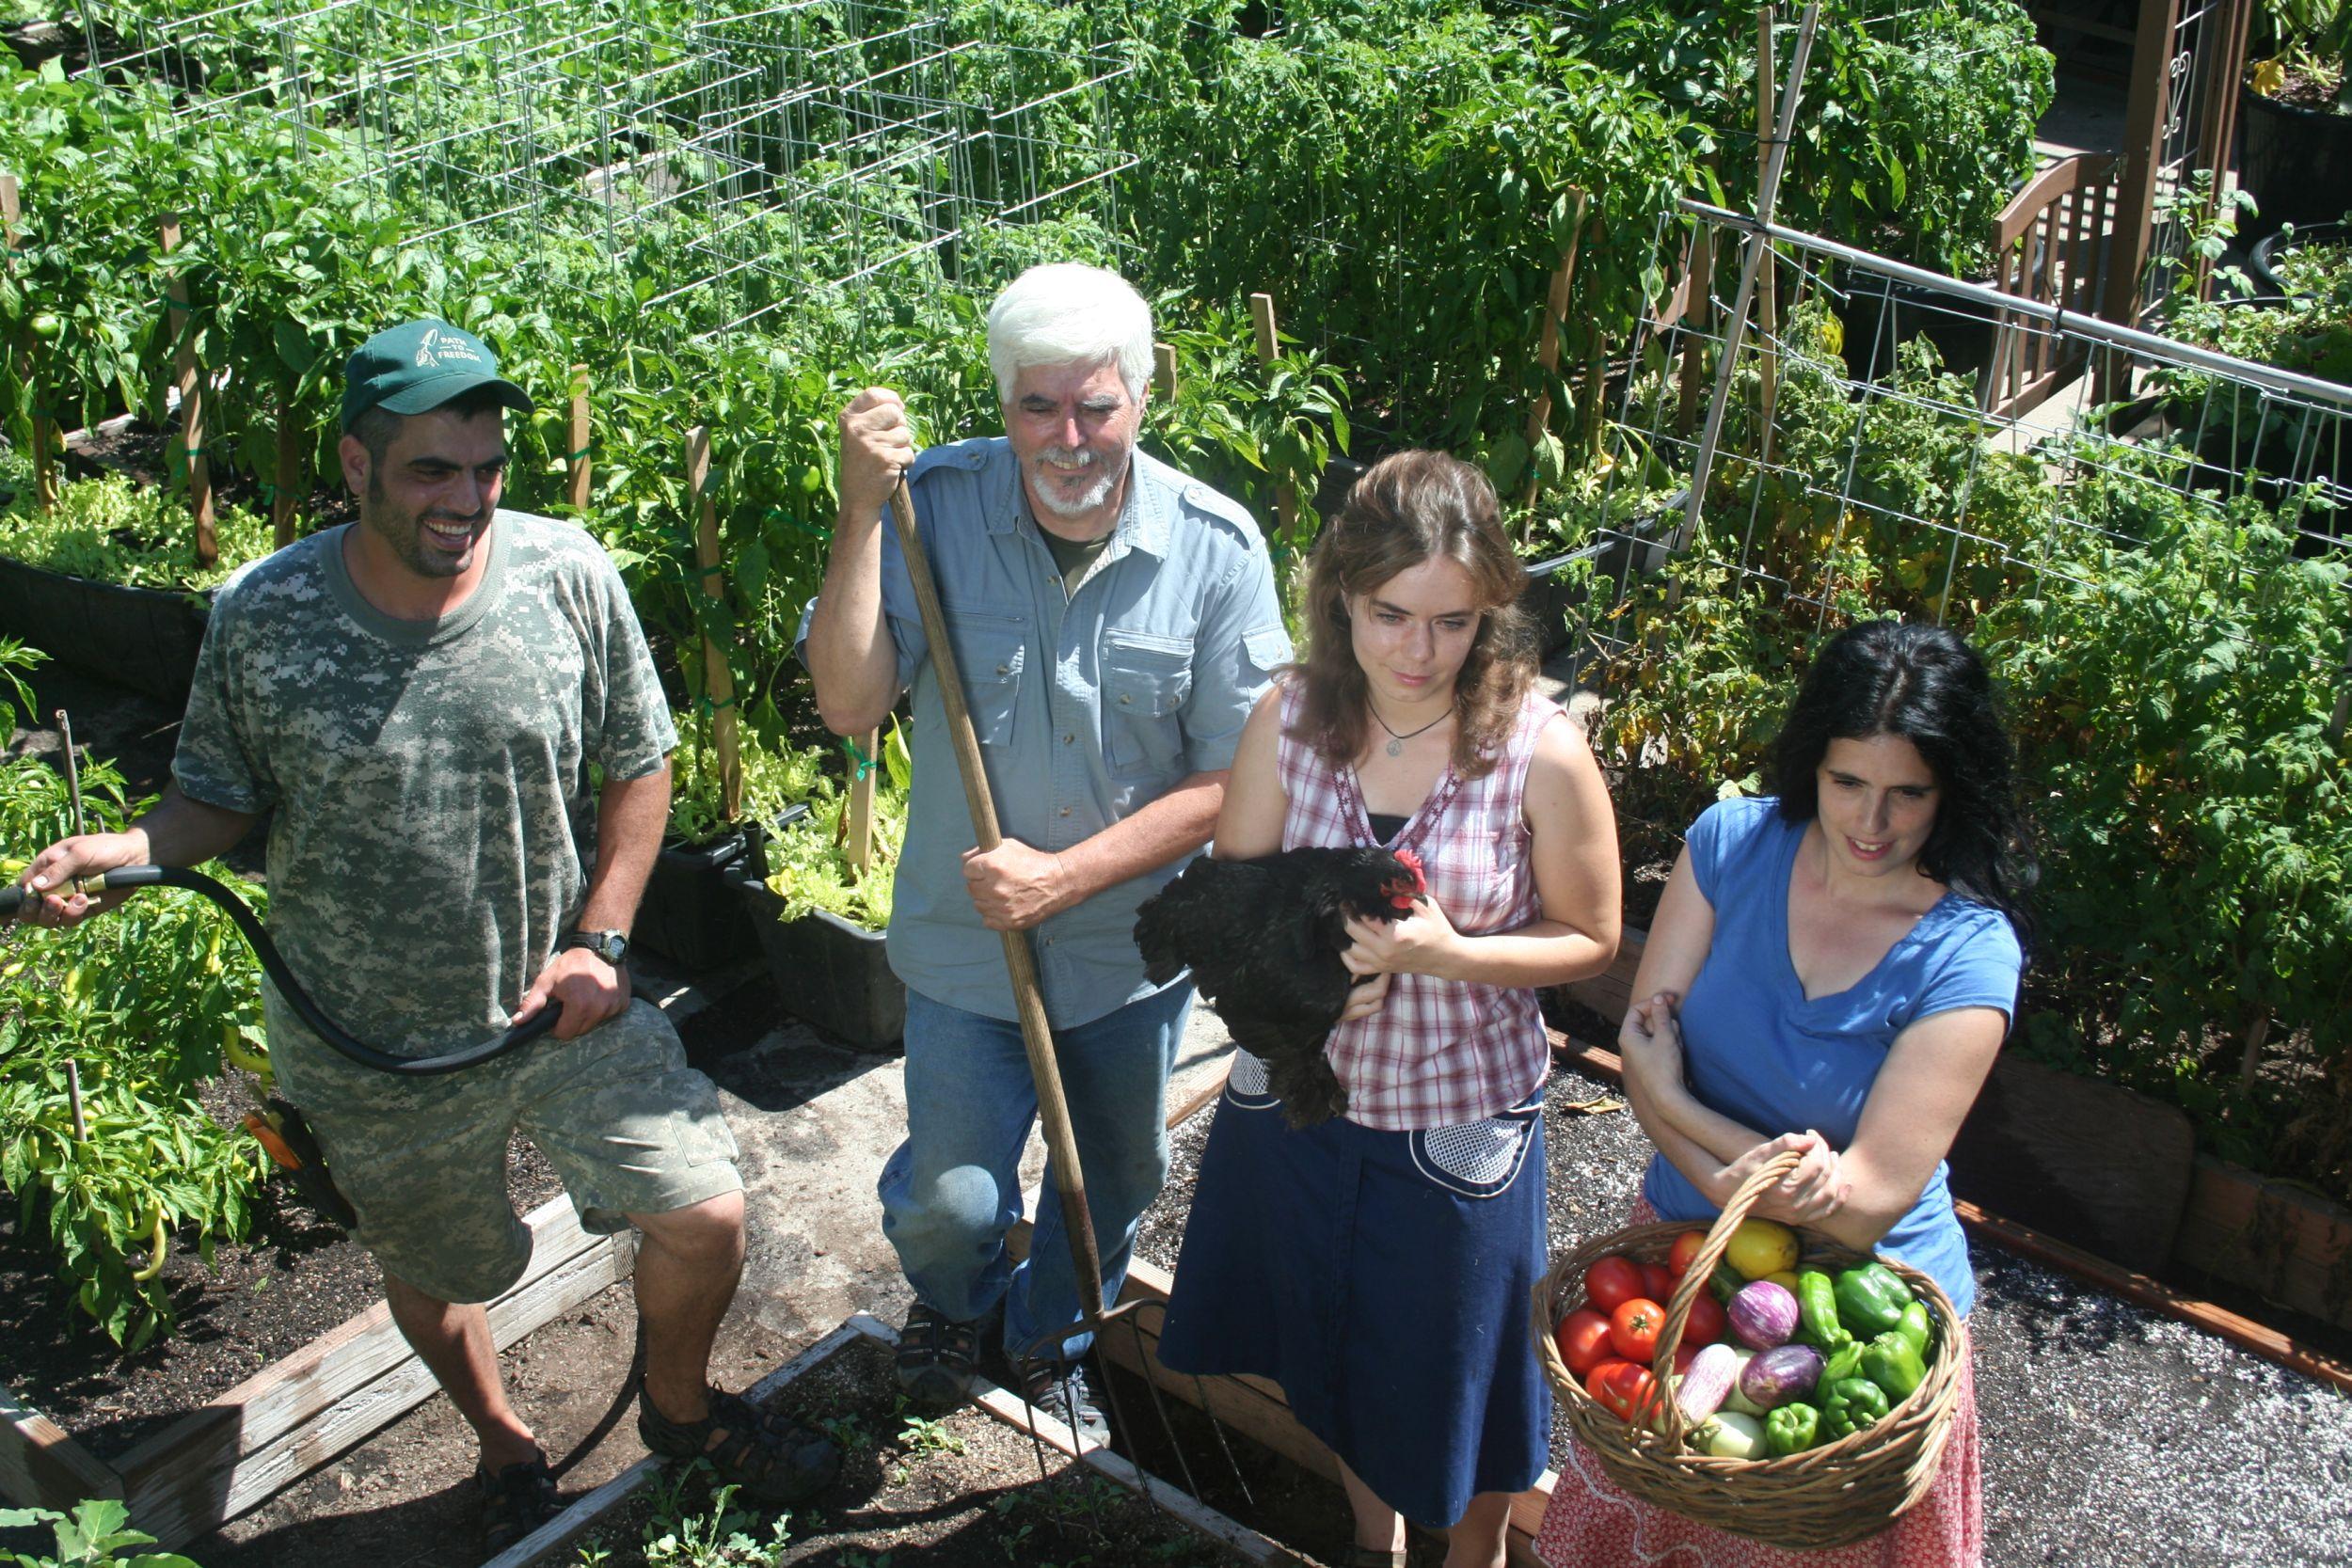 Família Dervaes planta e colhe o próprio alimento em um terreno de 370 m² na Califórnia, Estados Unidos.  Foto: The Urban Homesteaders / Divulgação